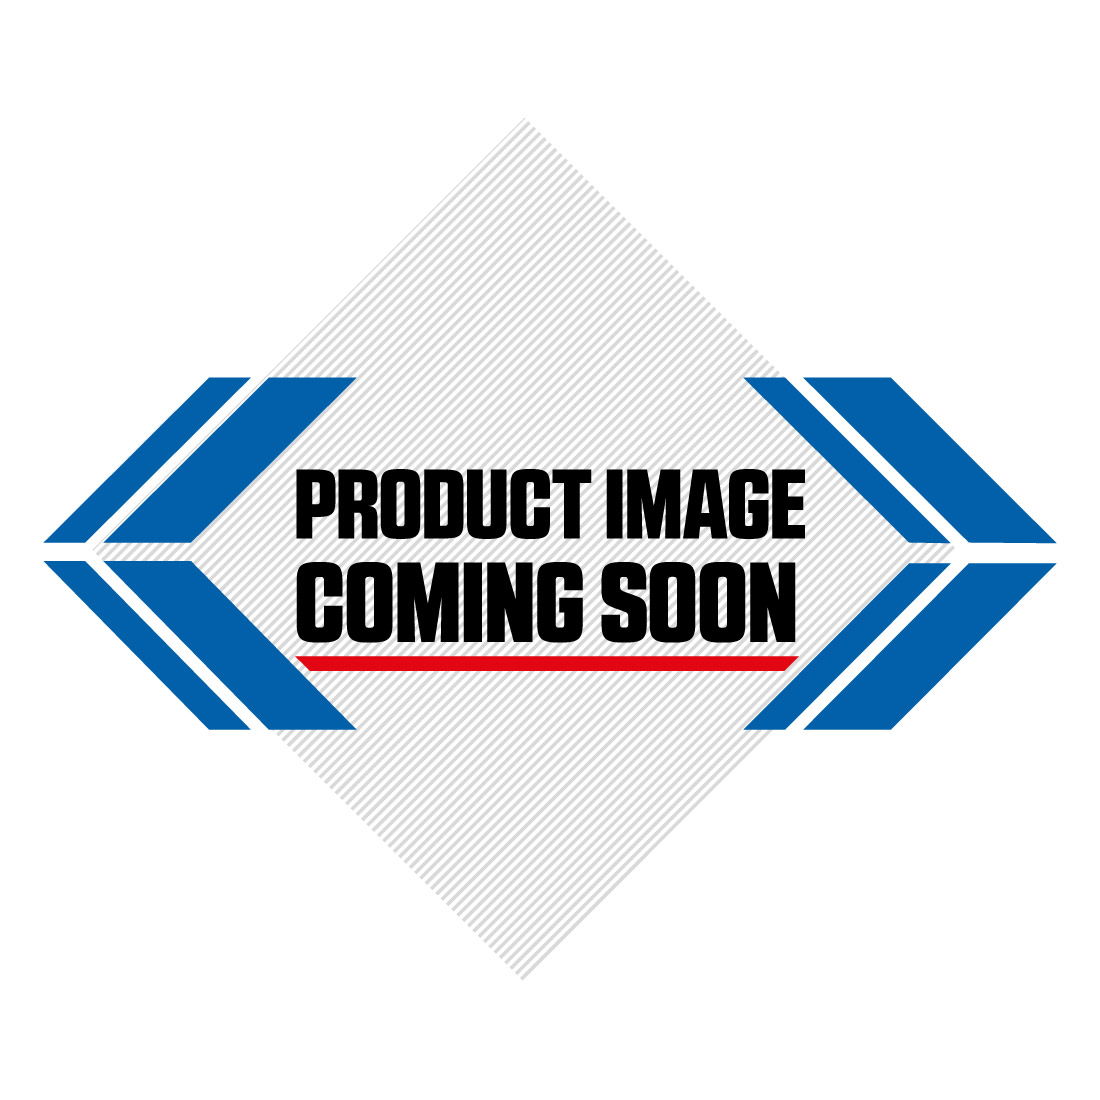 Husqvarna Plastic Kit OEM Factory Image-3